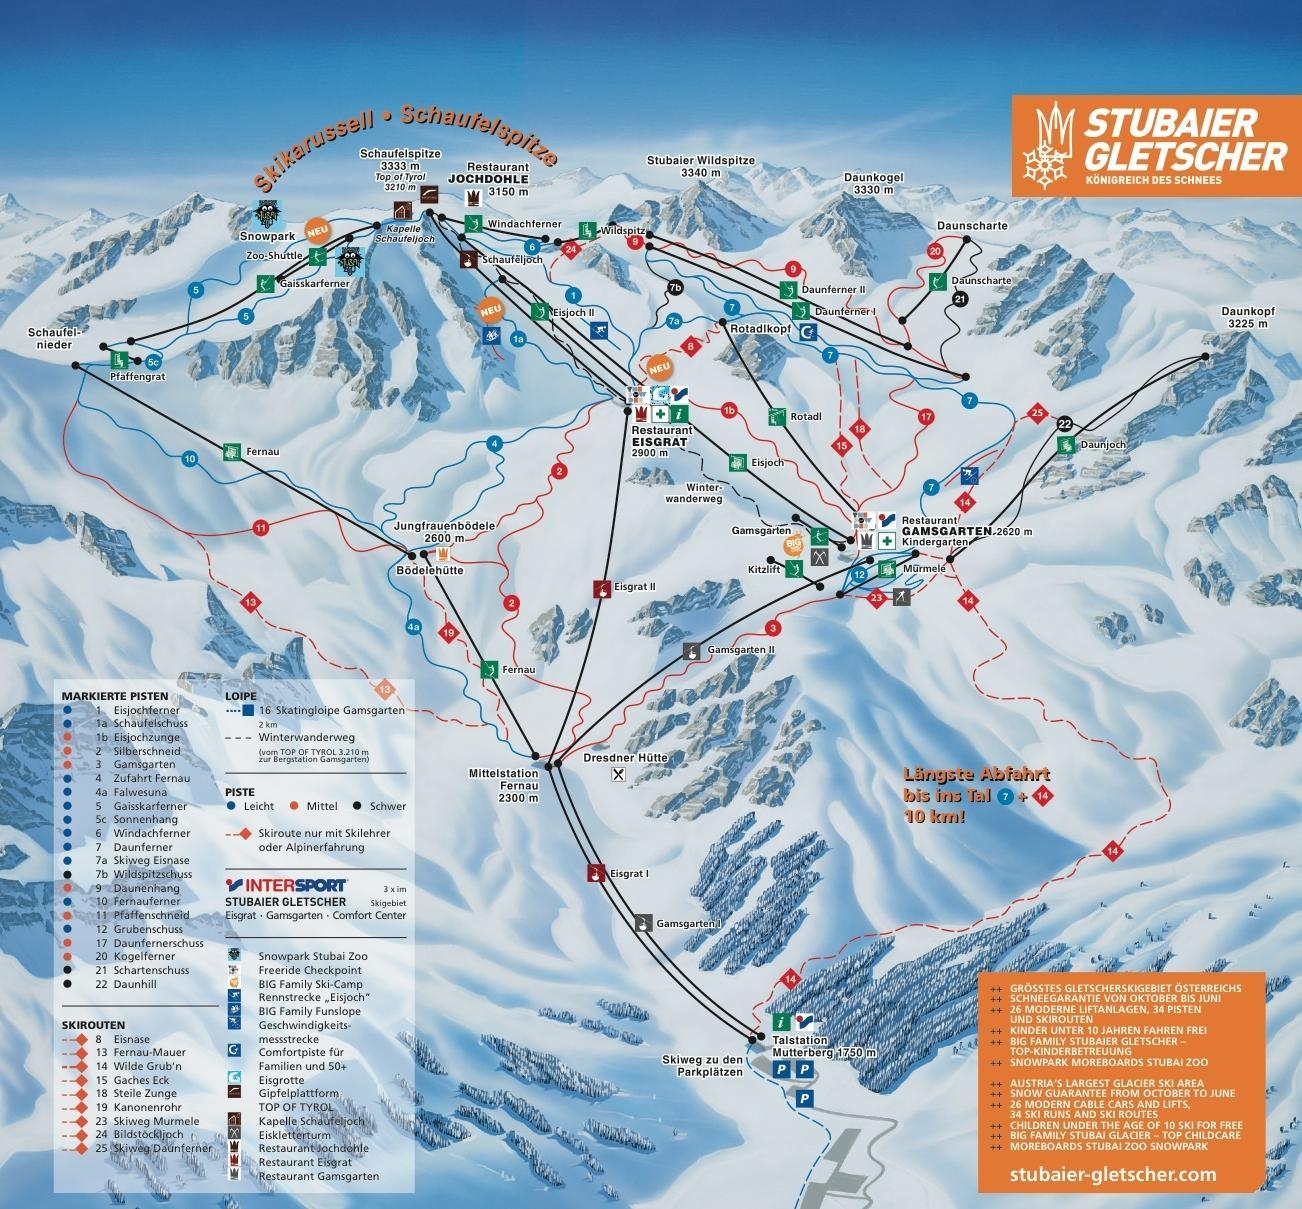 Pistekaart Stubaier gletsjer